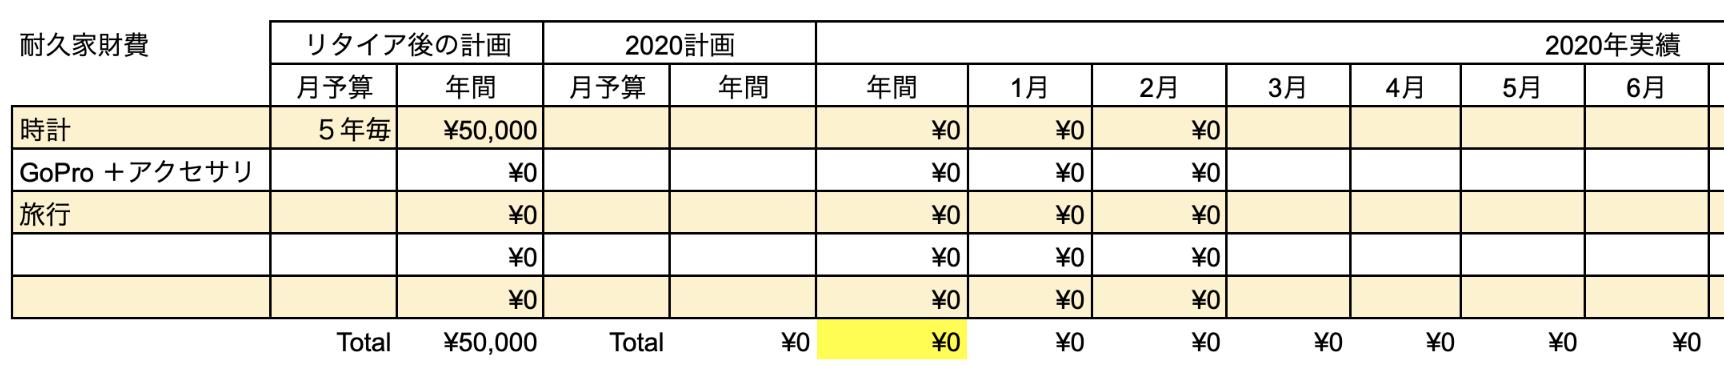 支出実績2020_02月_耐久家財費